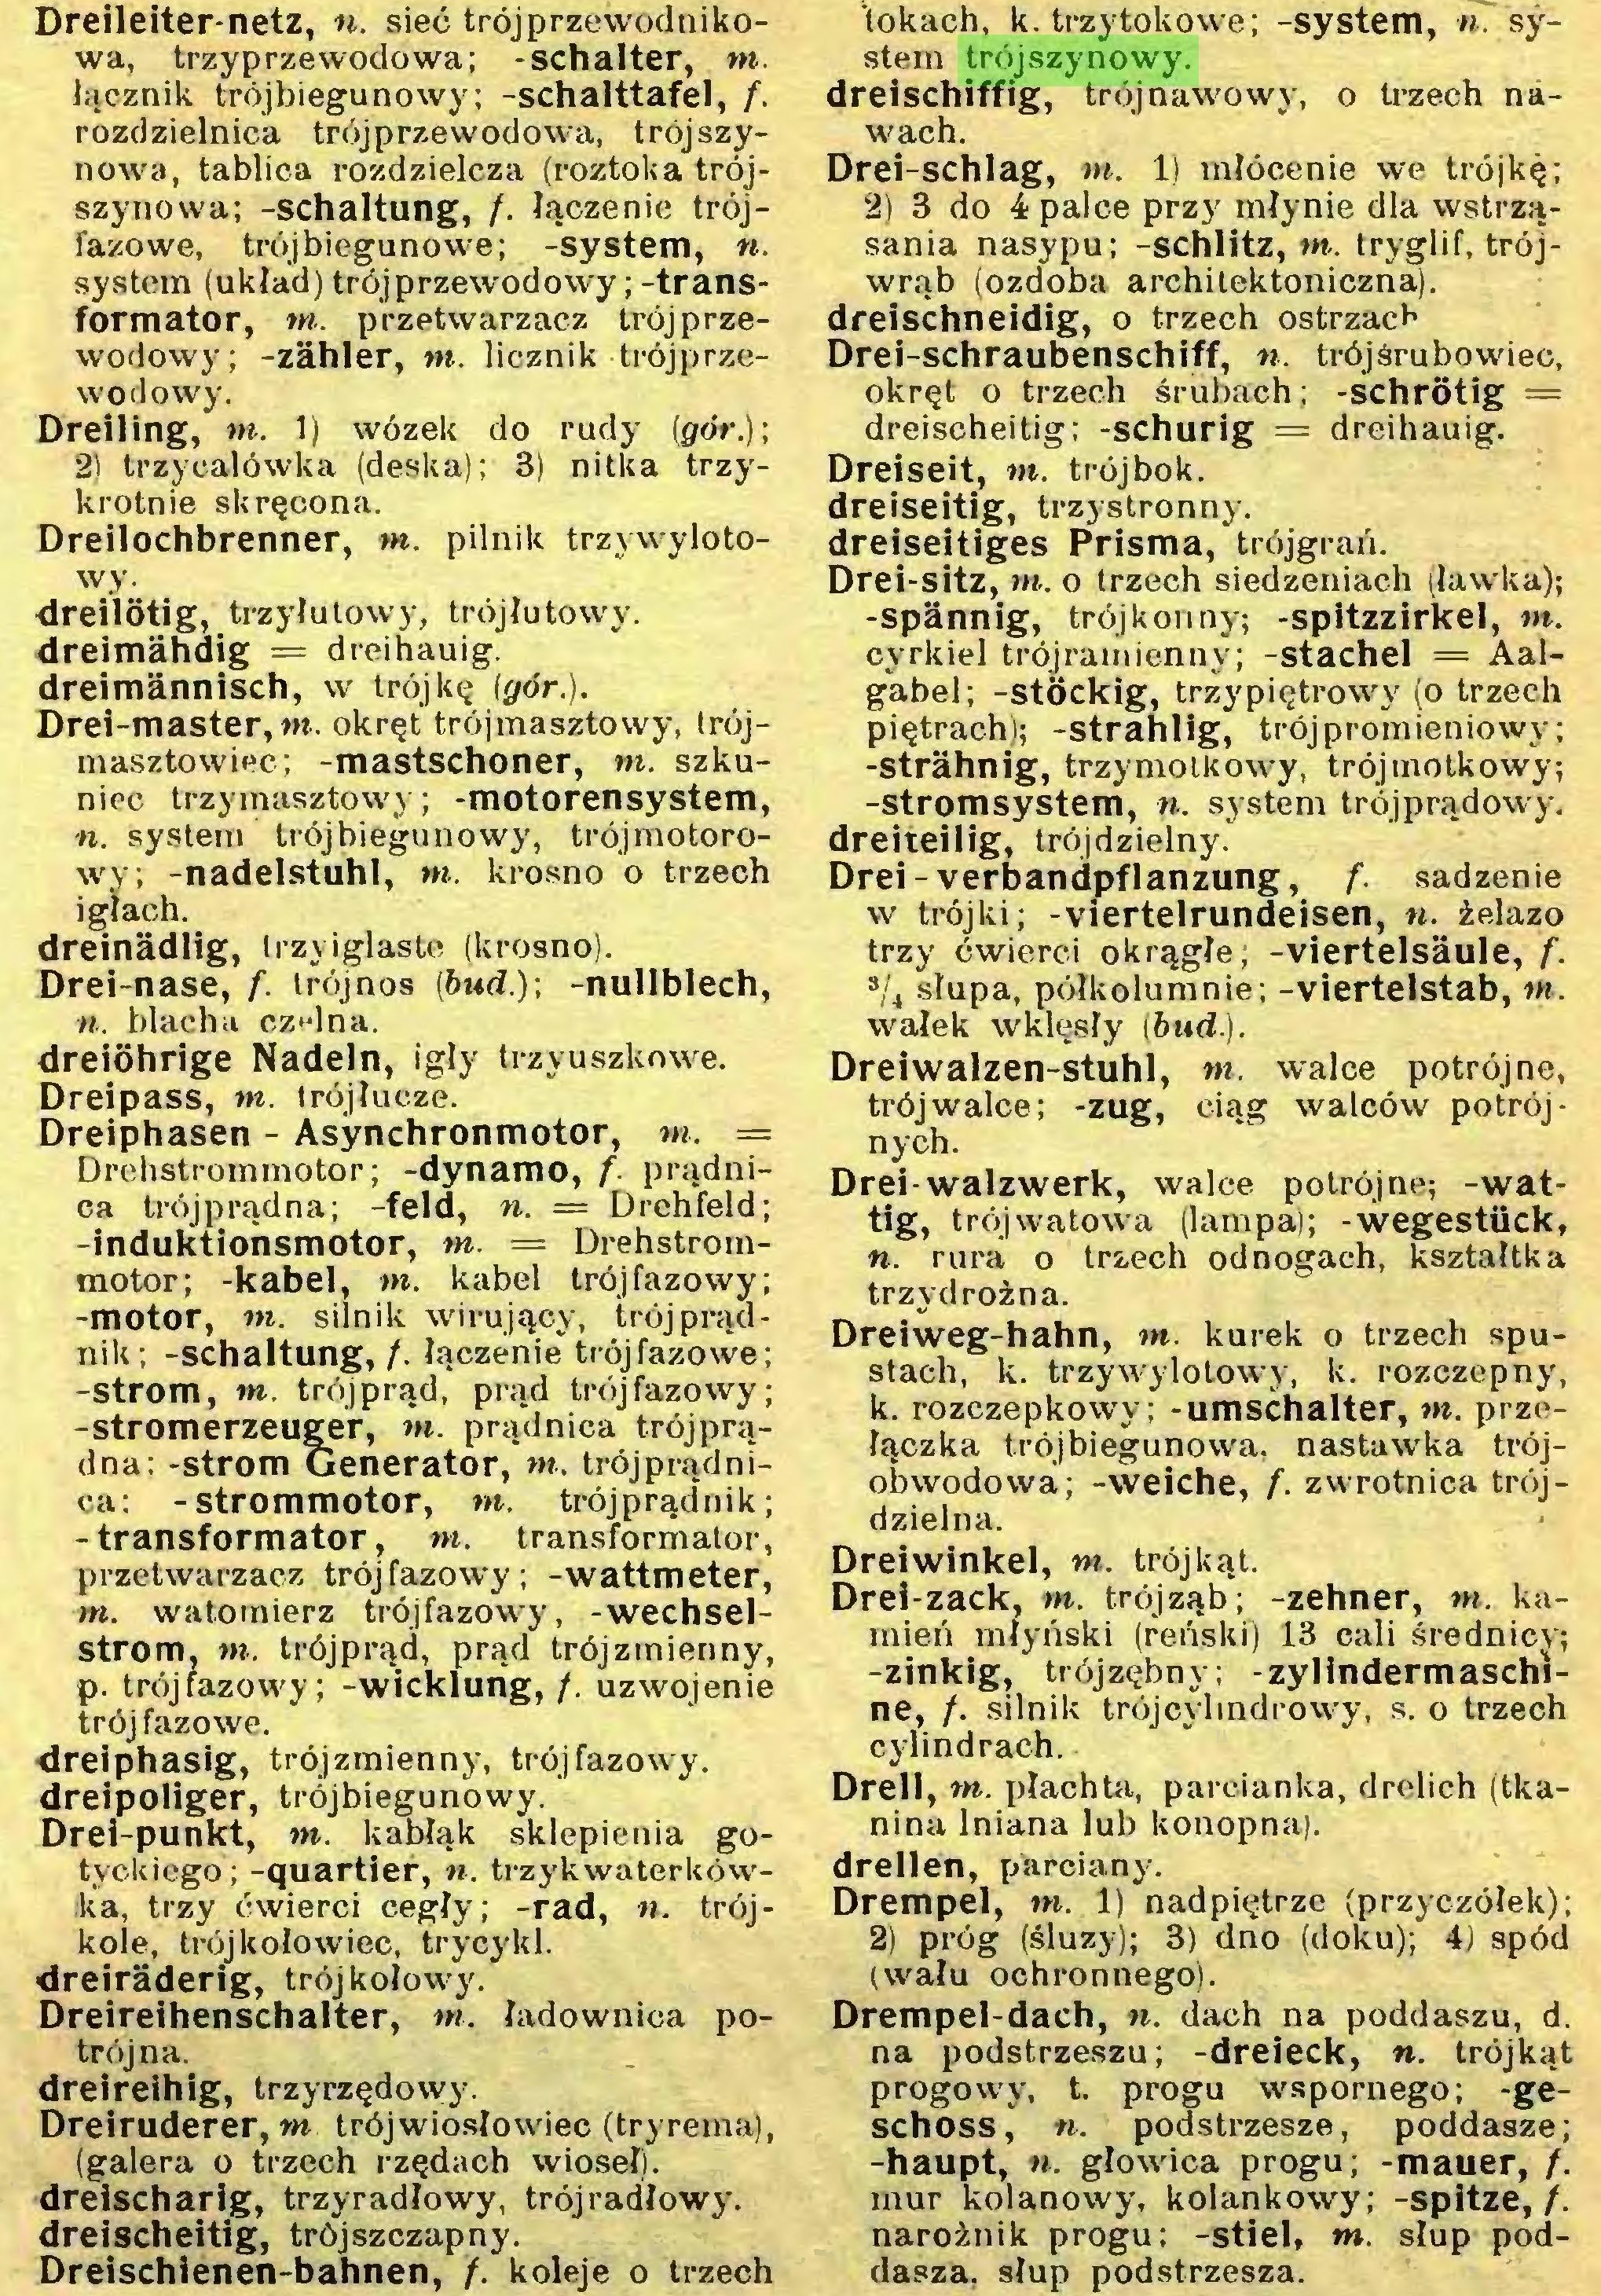 (...) Dreischienen-bahnen, f. koleje o trzech 'tokach, k. trzytokowe; -system, n. system trójszynowy...